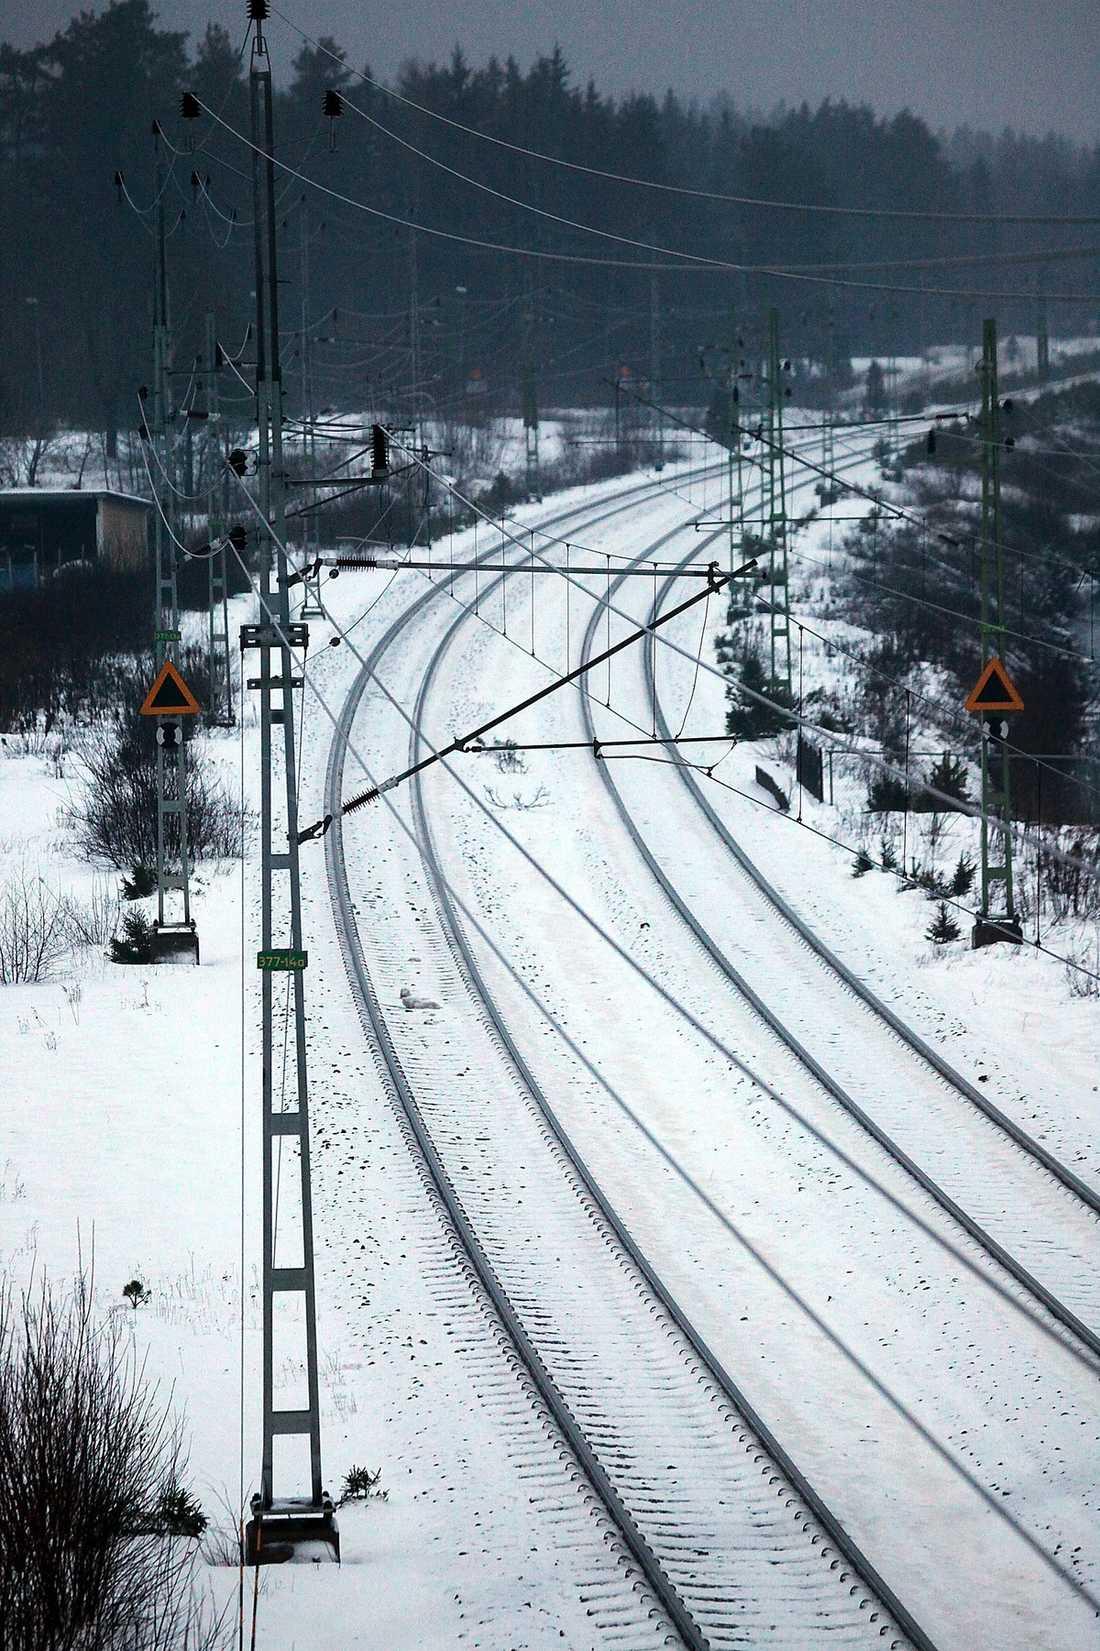 Förstatliga underhållet av järnvägen. Inte gjort och kommer inte att göras.